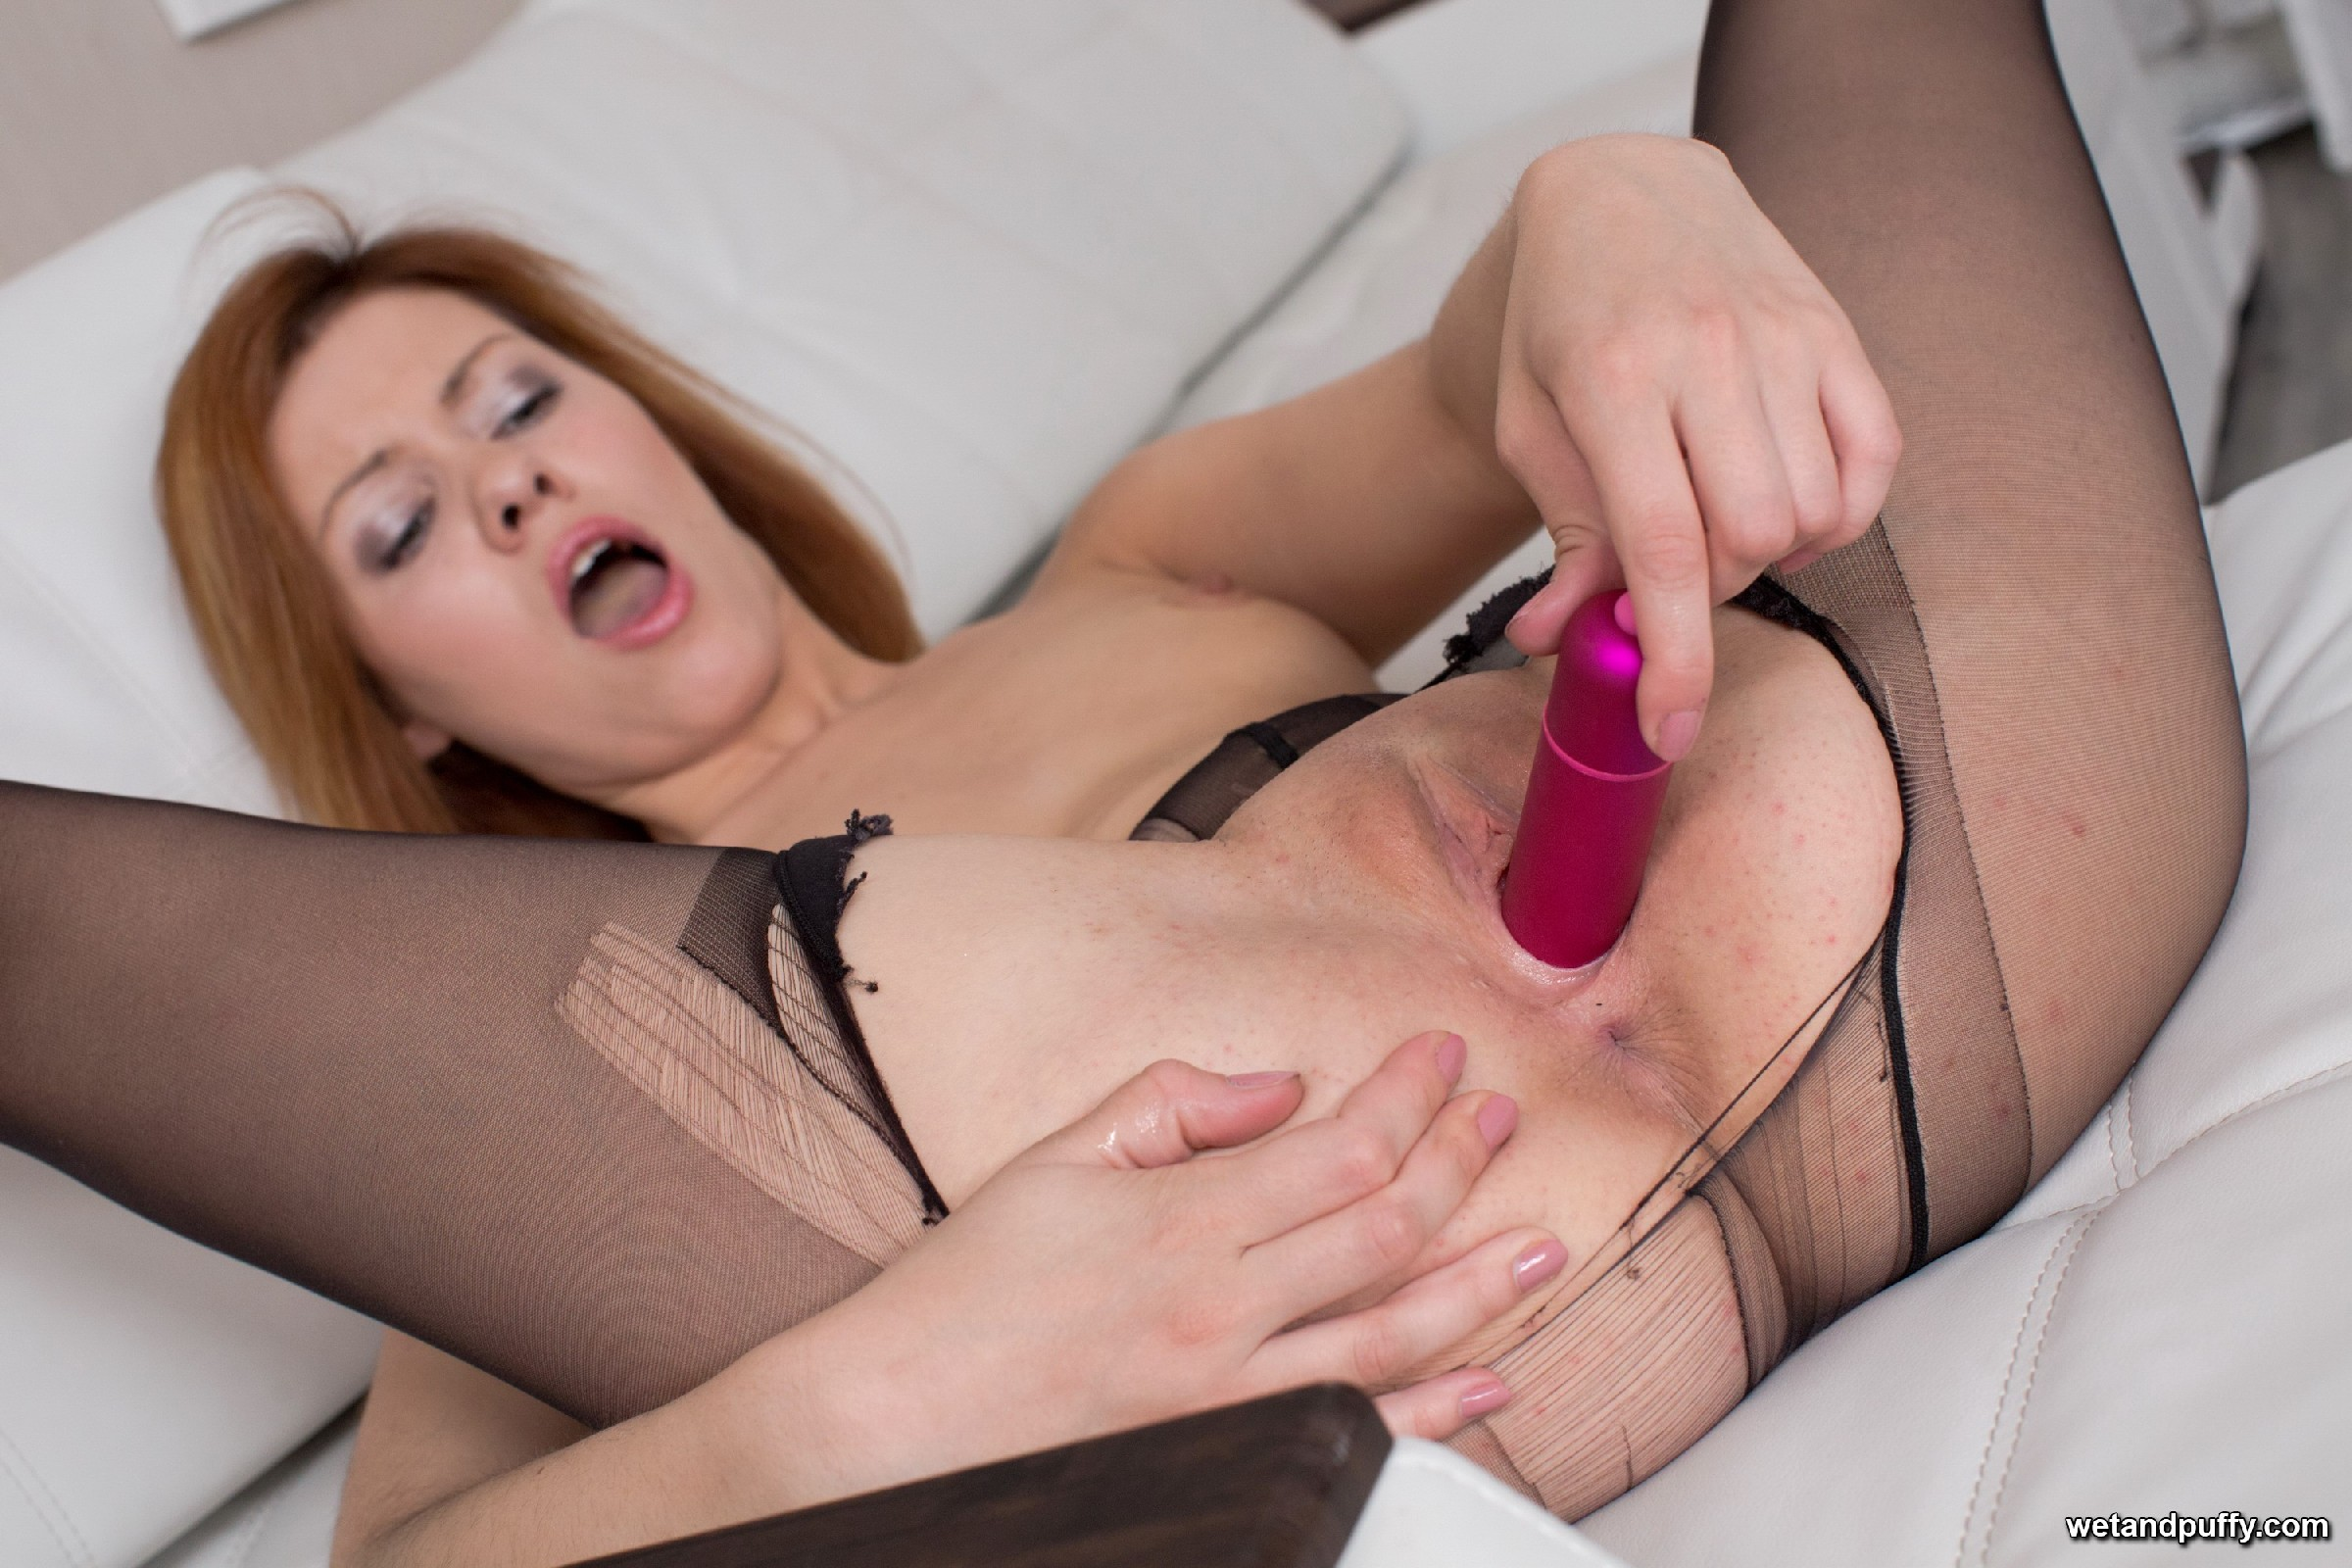 Похотливая шлюшка разрывает на себе колготки и начинает запихивать в себя различные игрушки из секс-шопа